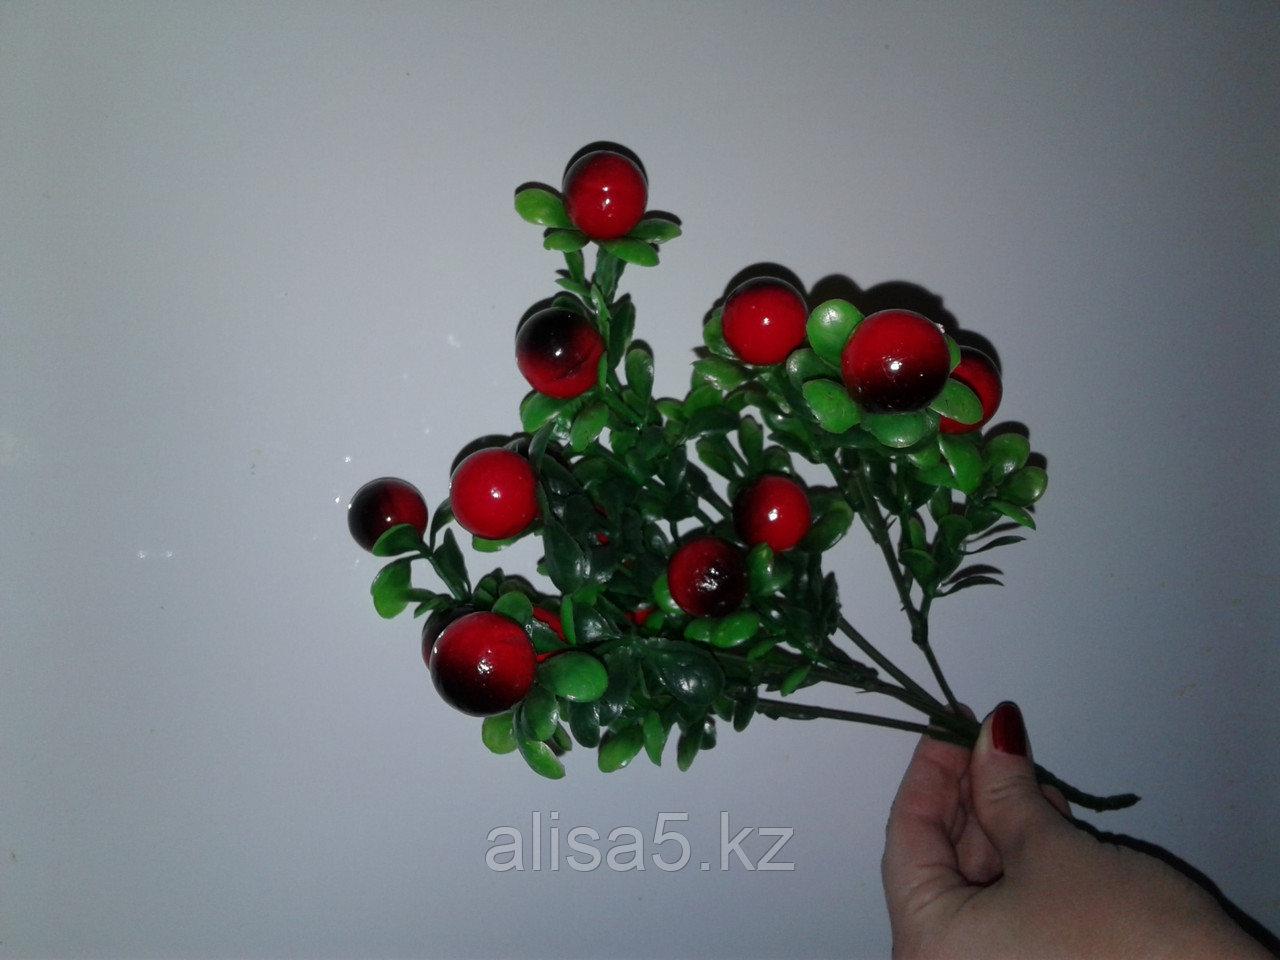 Веточка с ягодами крупные красн, шт.